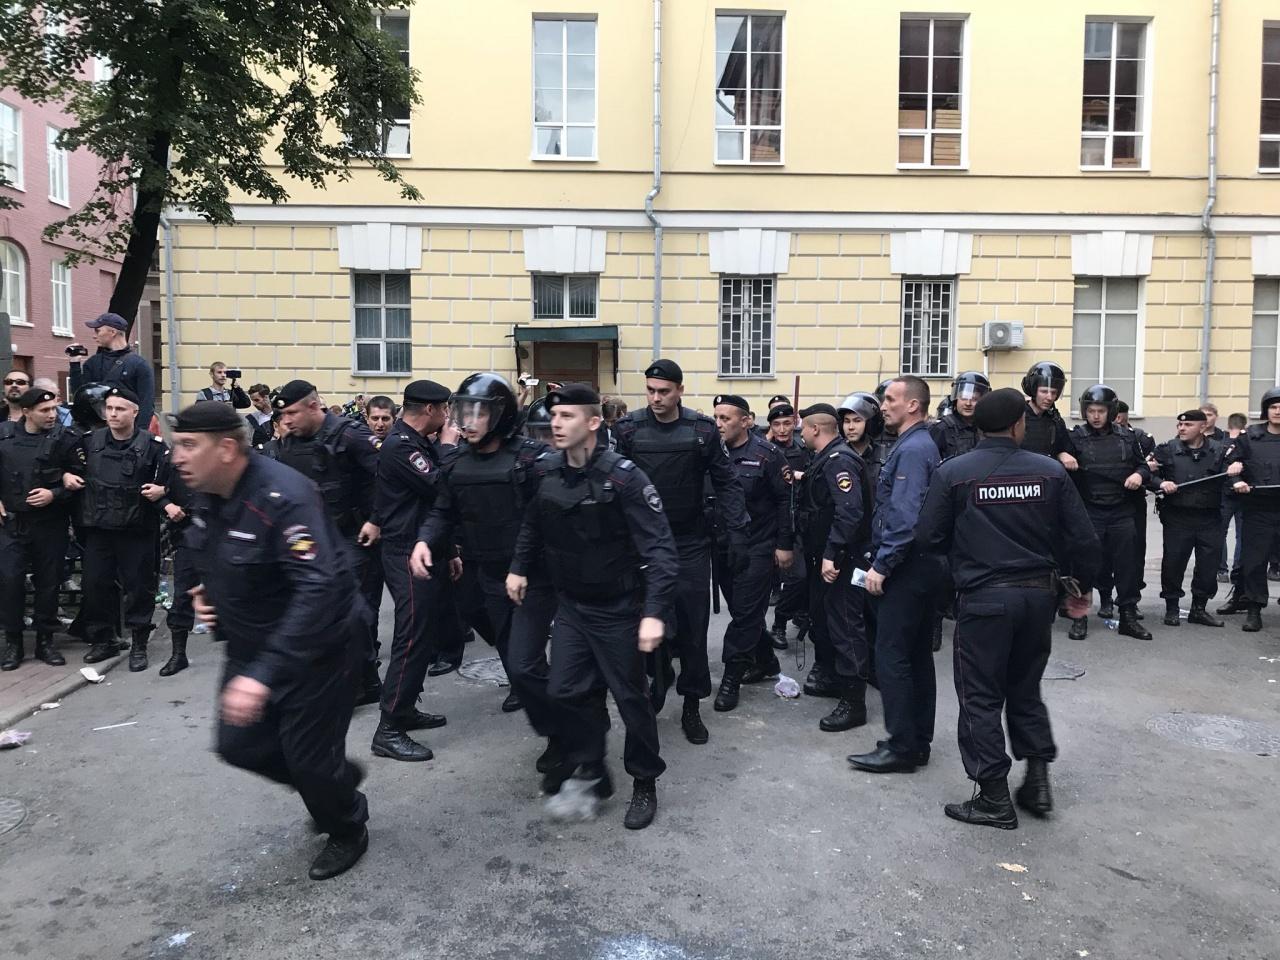 фото ЗакС политика Кандидаты в депутаты Мосгордумы Яшин и Соболь задержаны полицией